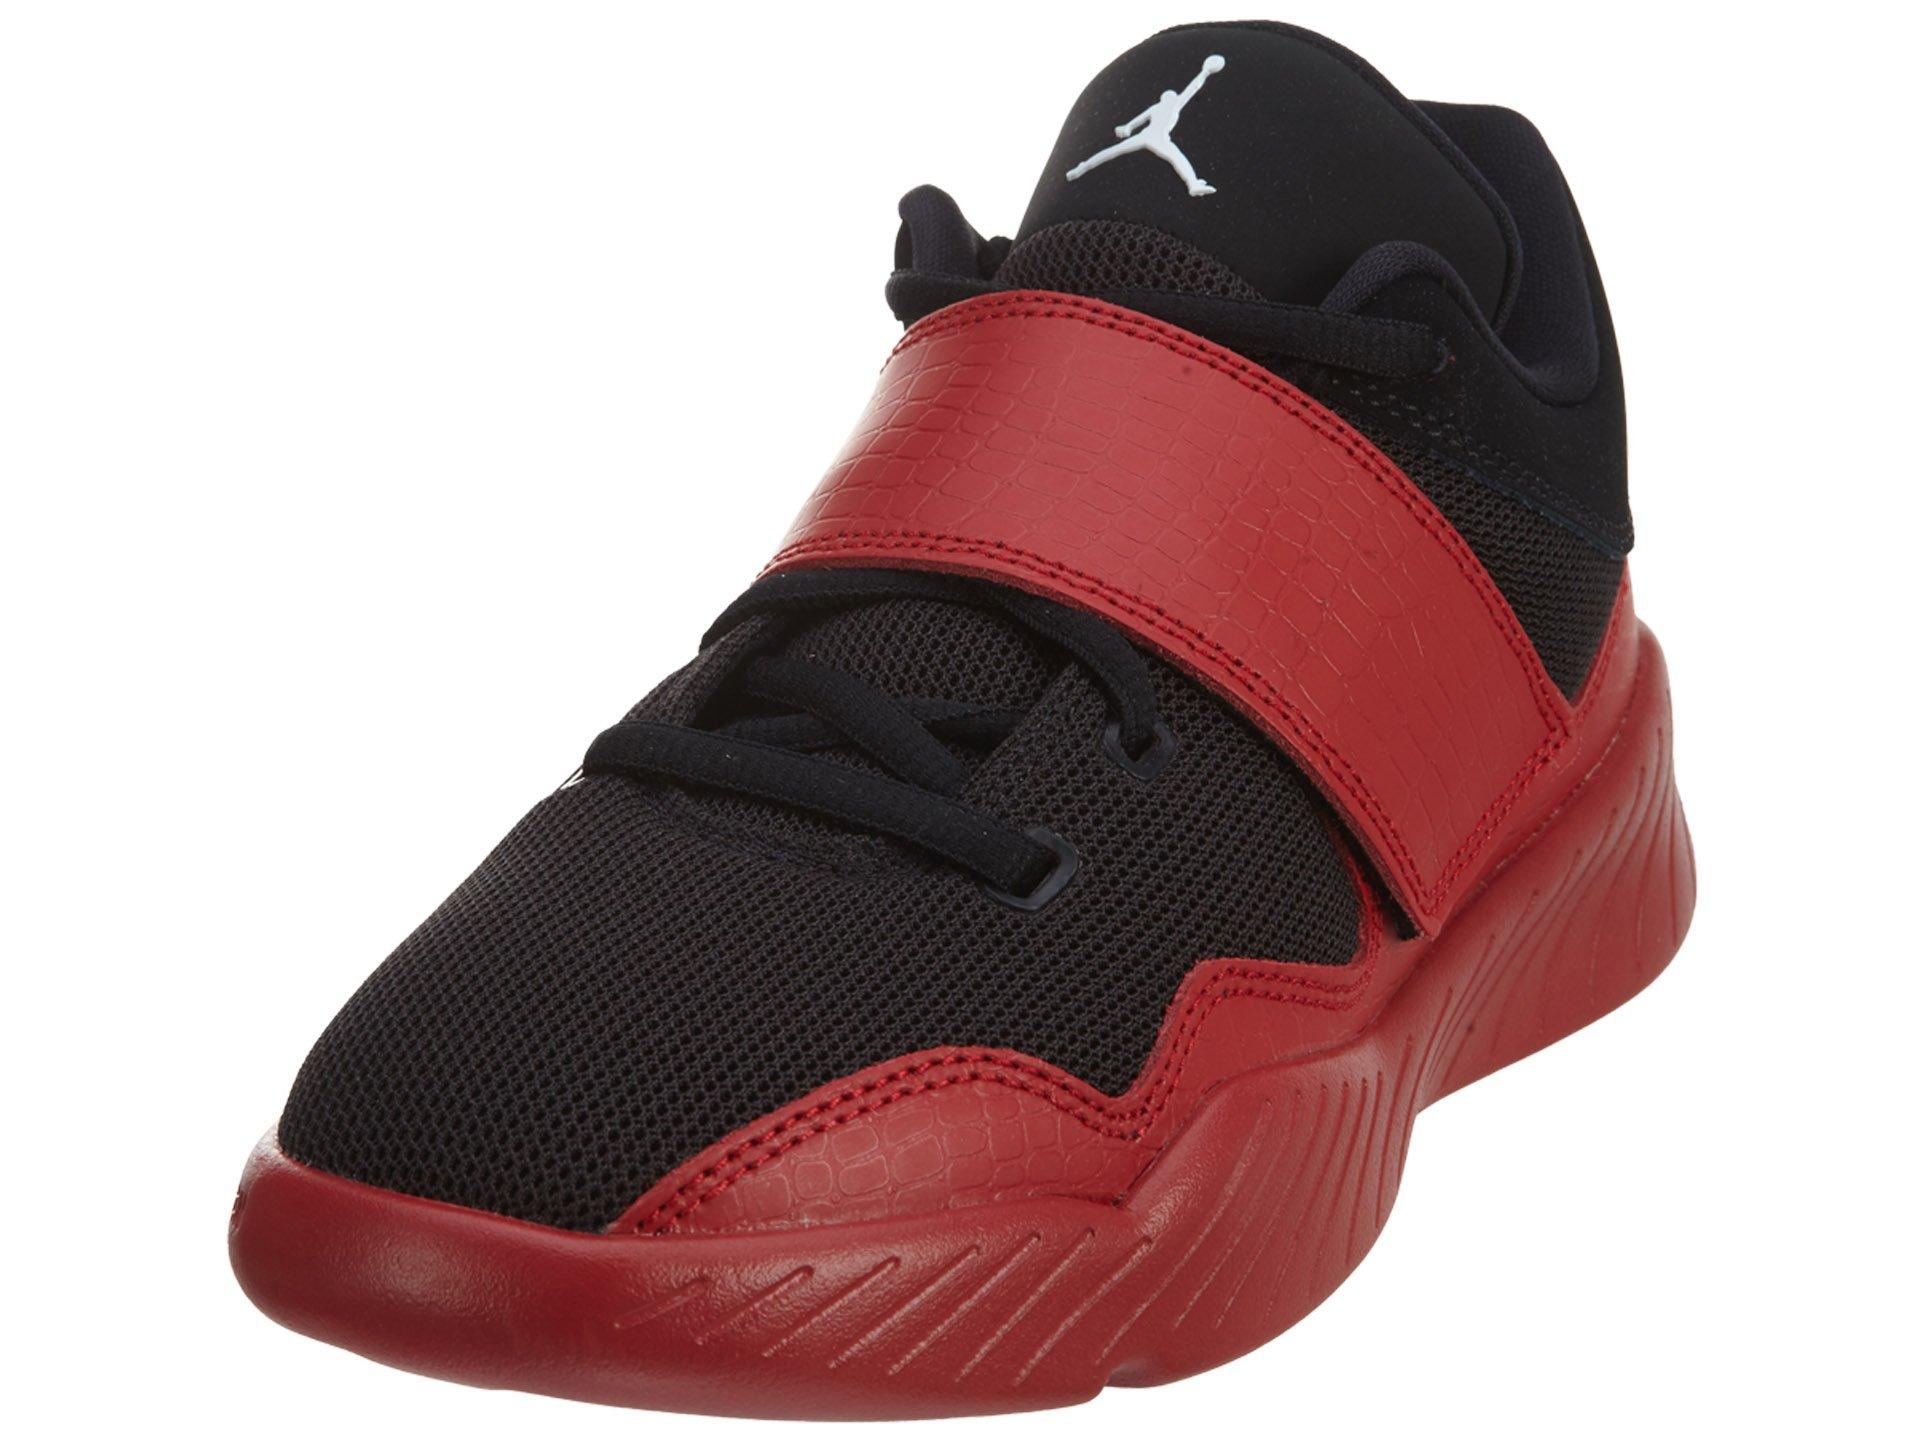 Jordan J23 Bp Big Kids Style: 854559-020 Size: 12.5